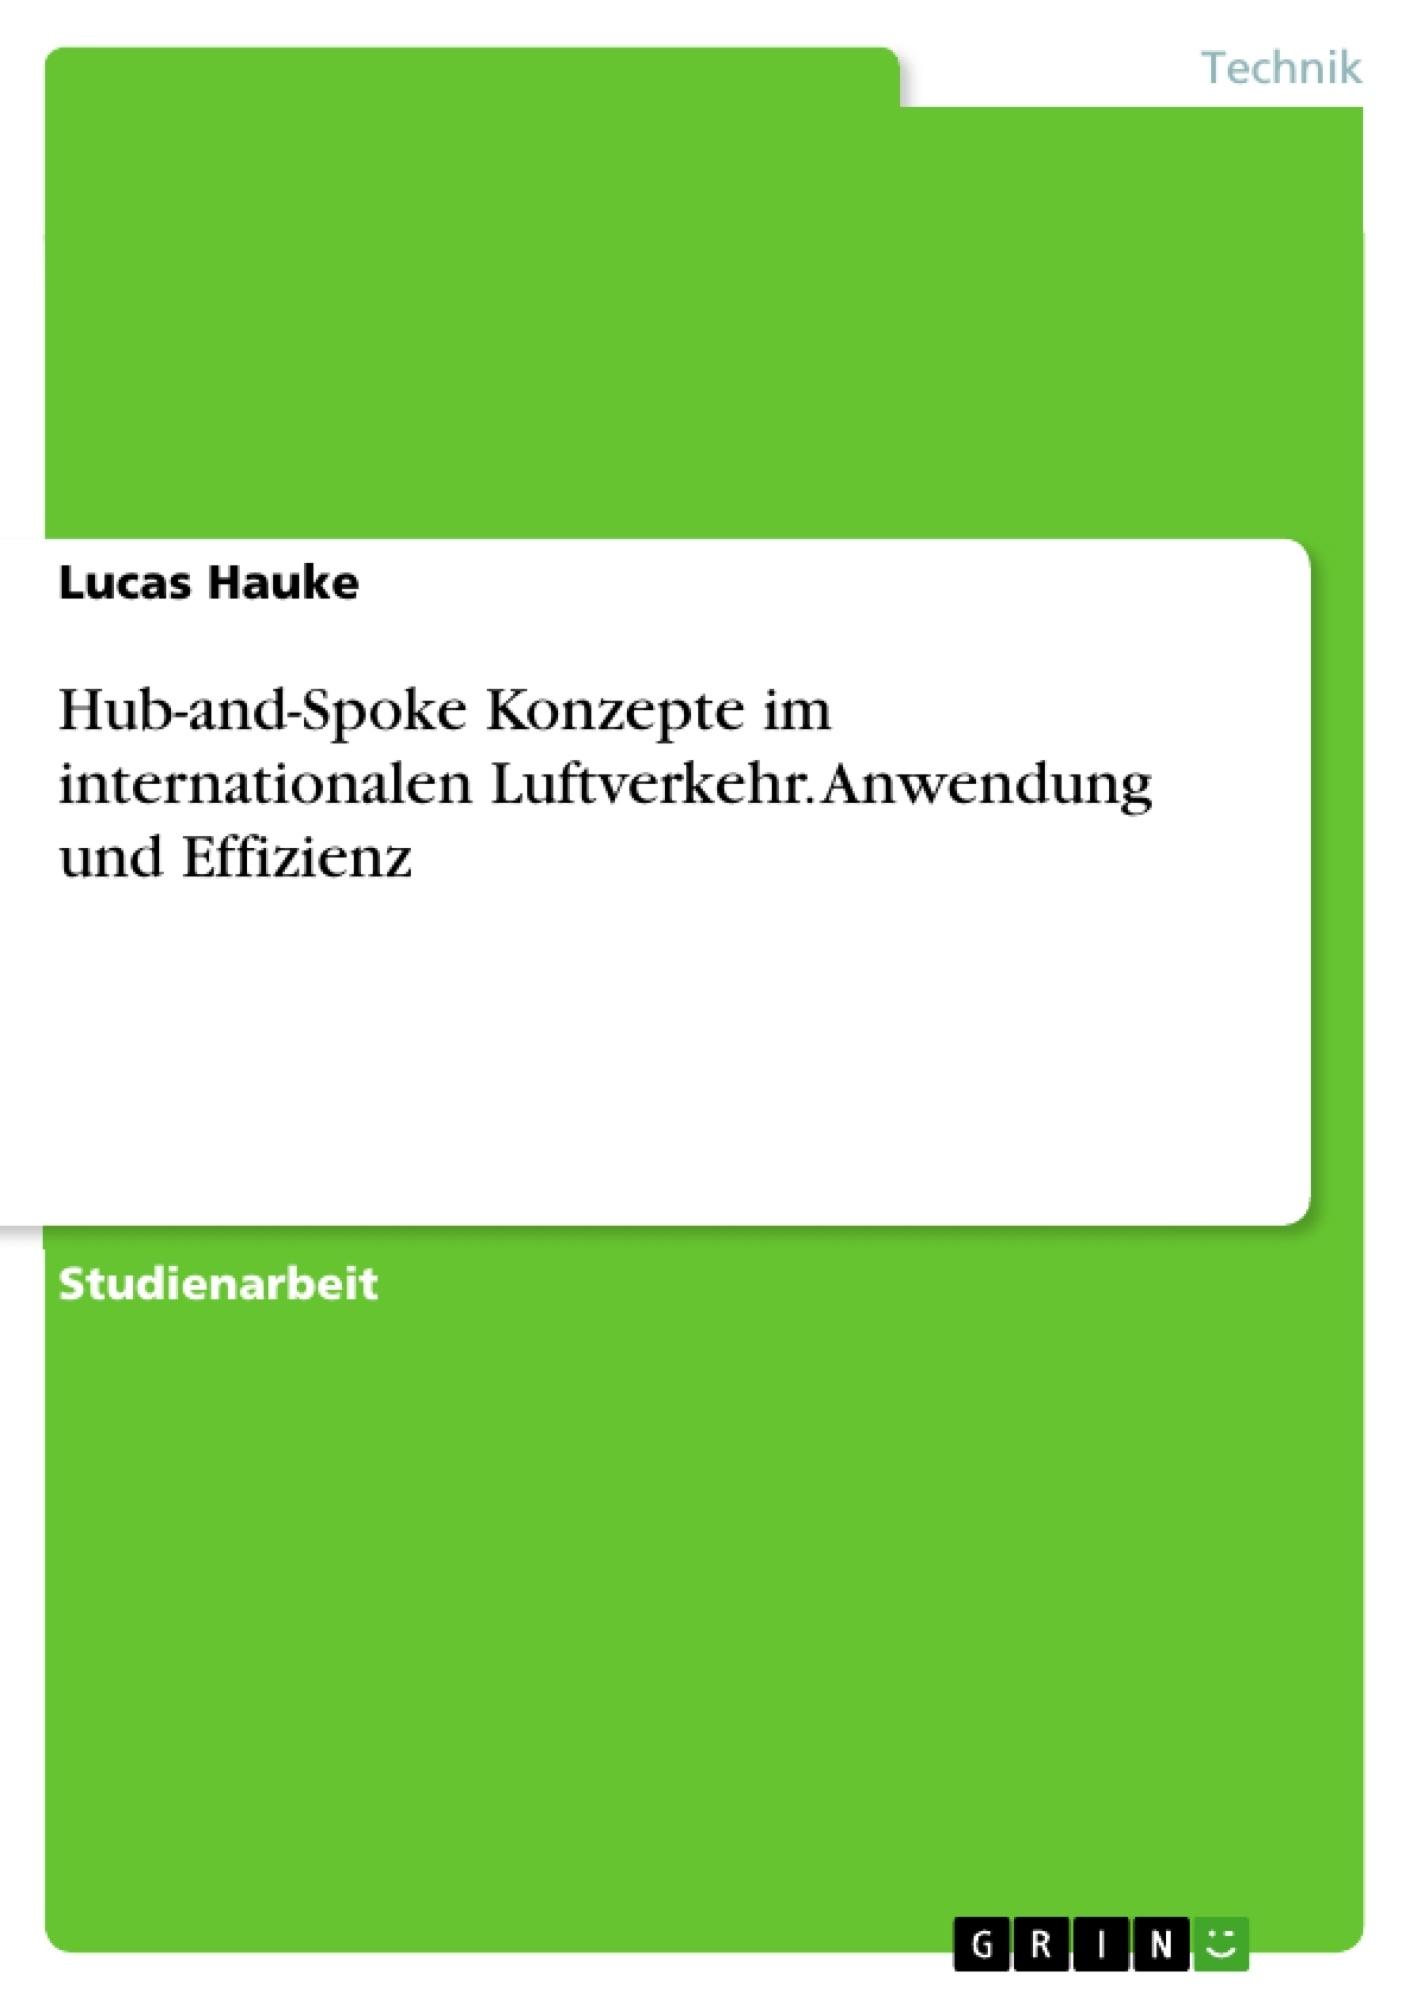 Titel: Hub-and-Spoke Konzepte im internationalen Luftverkehr. Anwendung und Effizienz